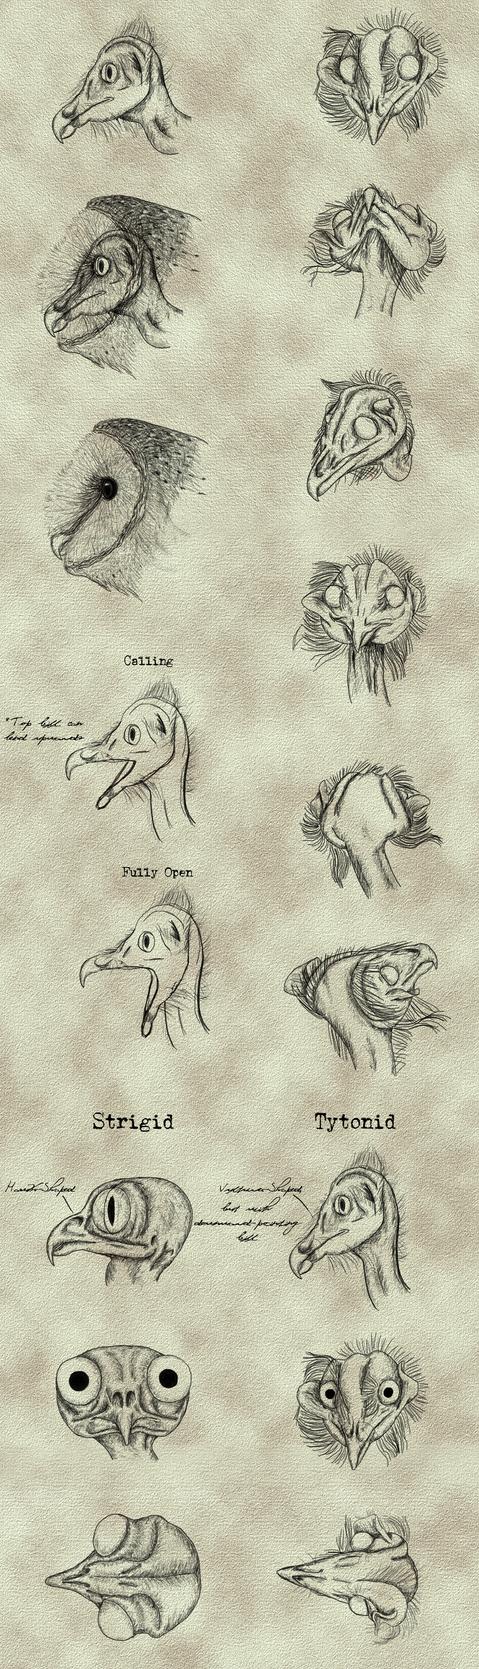 Tyto alba - Head Studies by Earldense